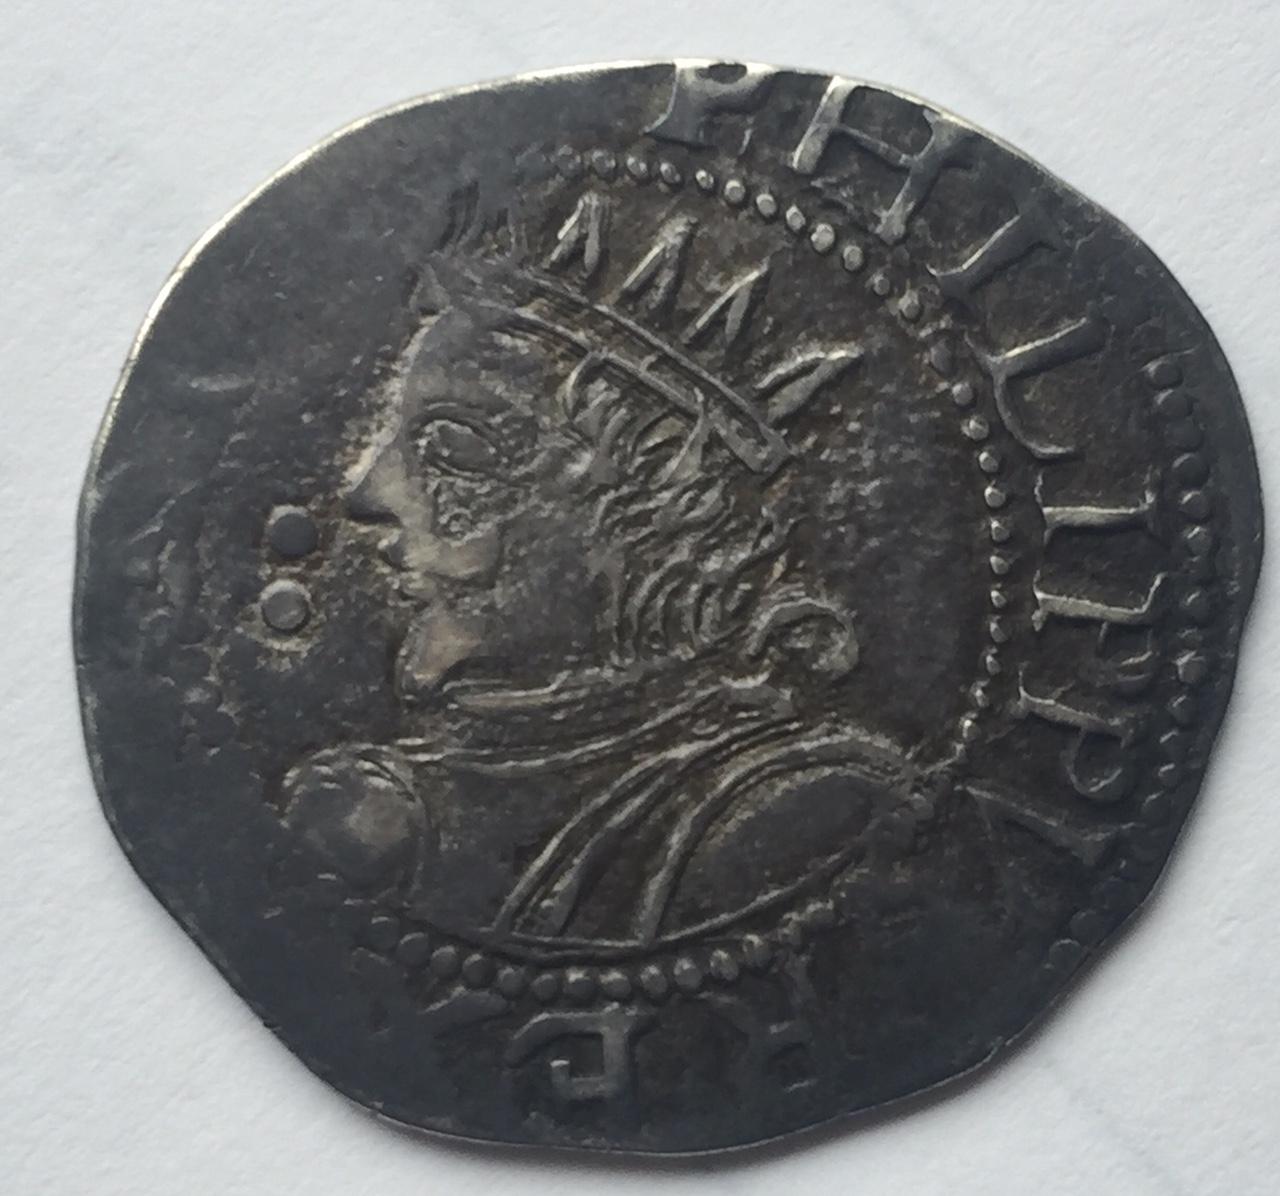 2 reales de Mallorca de Felipe IV (III). Full_Size_Render_9